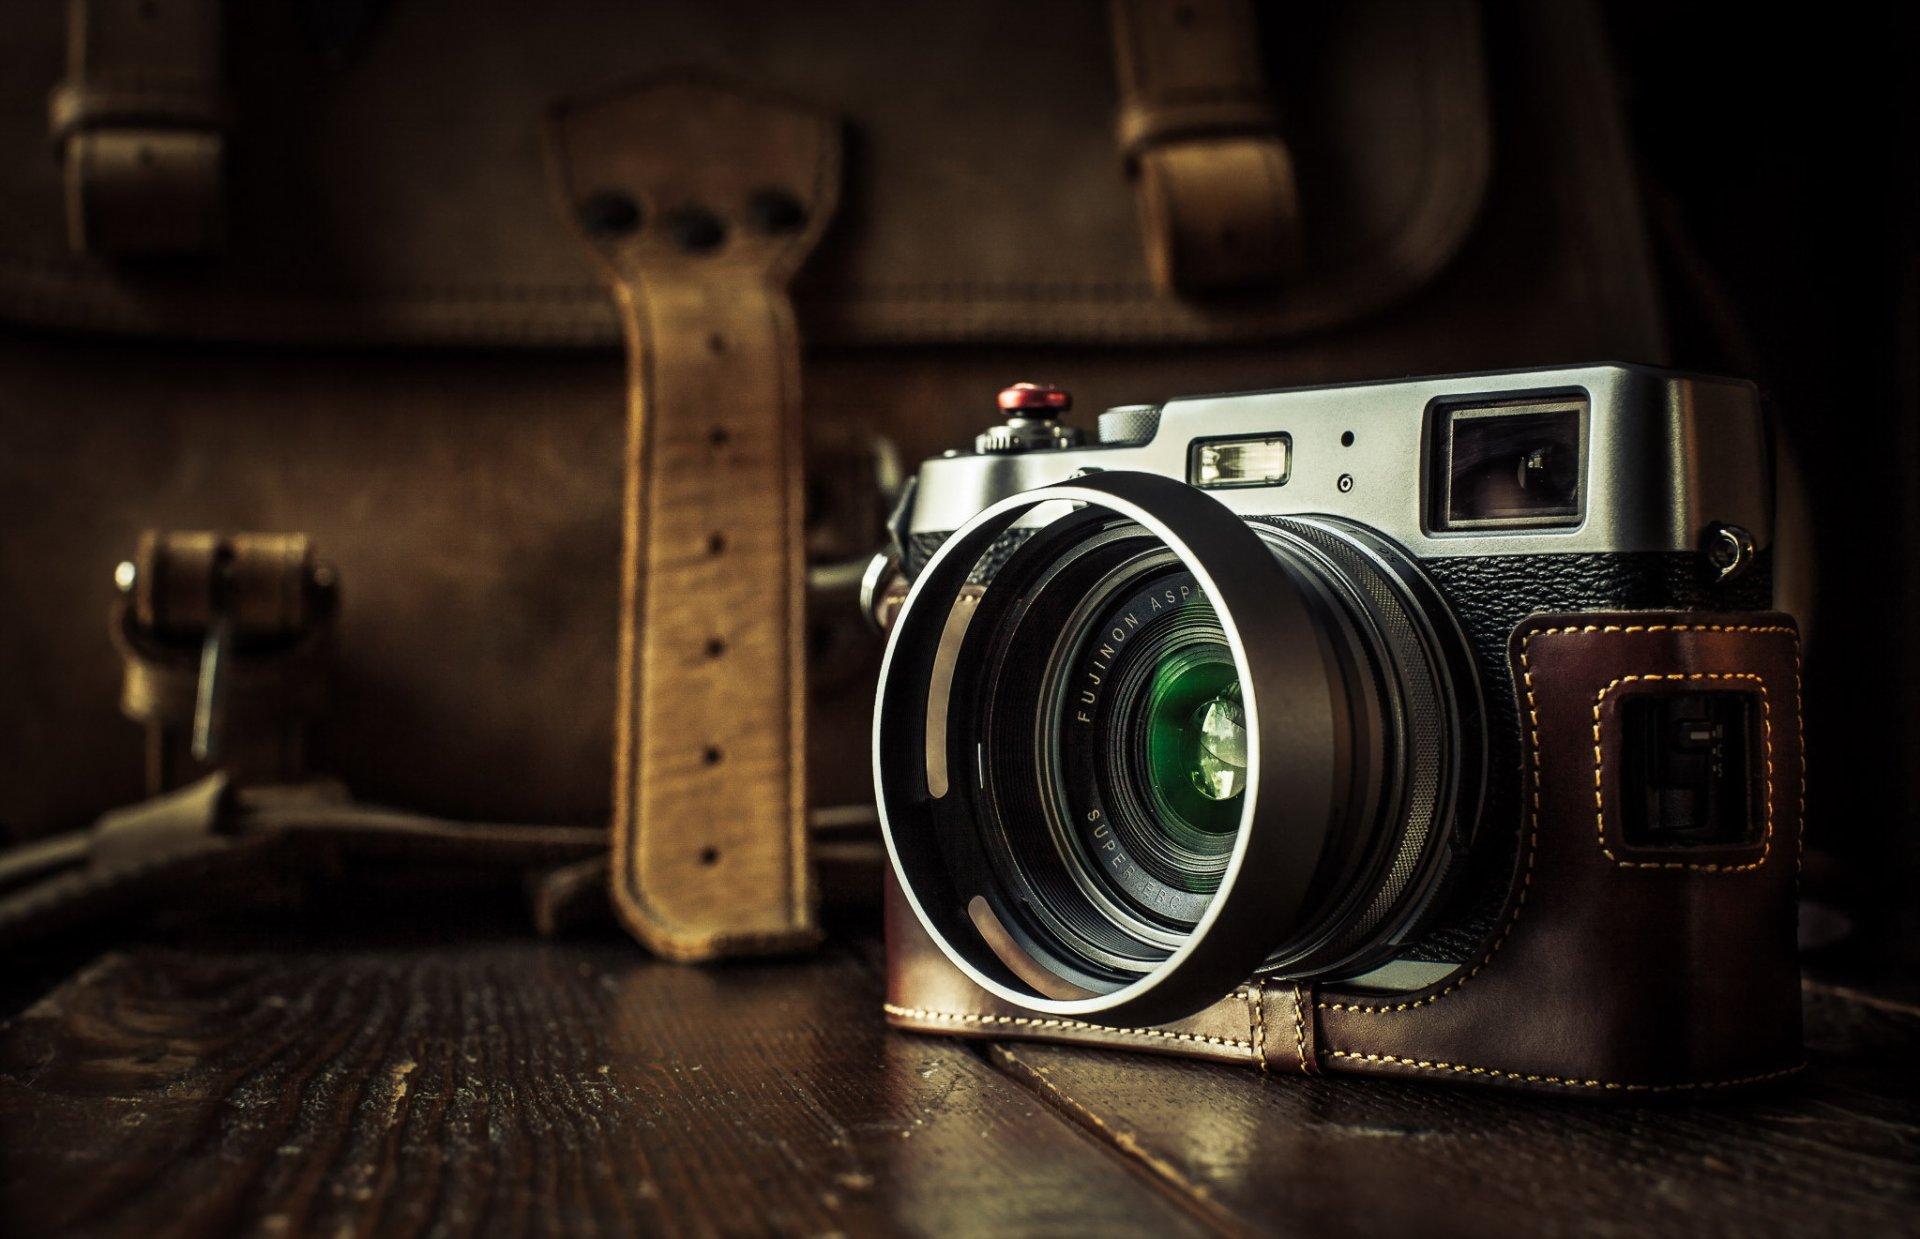 практически фоны для фотографов в самаре филе